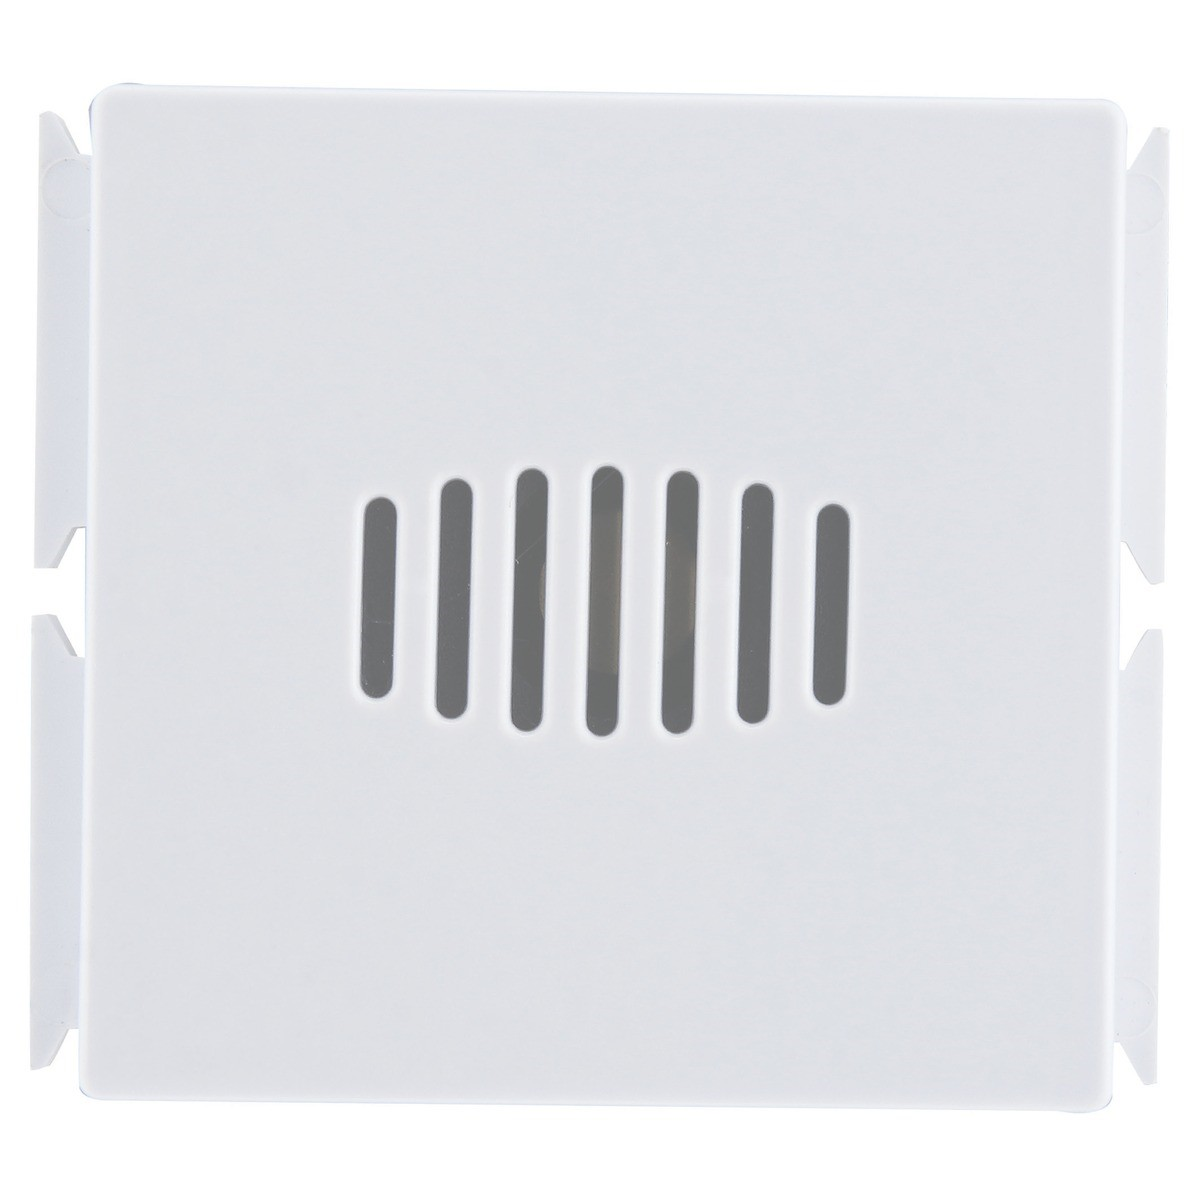 Campainha Eletronica com Fio Conjunto Montado 1 Toque Eletronica Bivolt - Tramontina